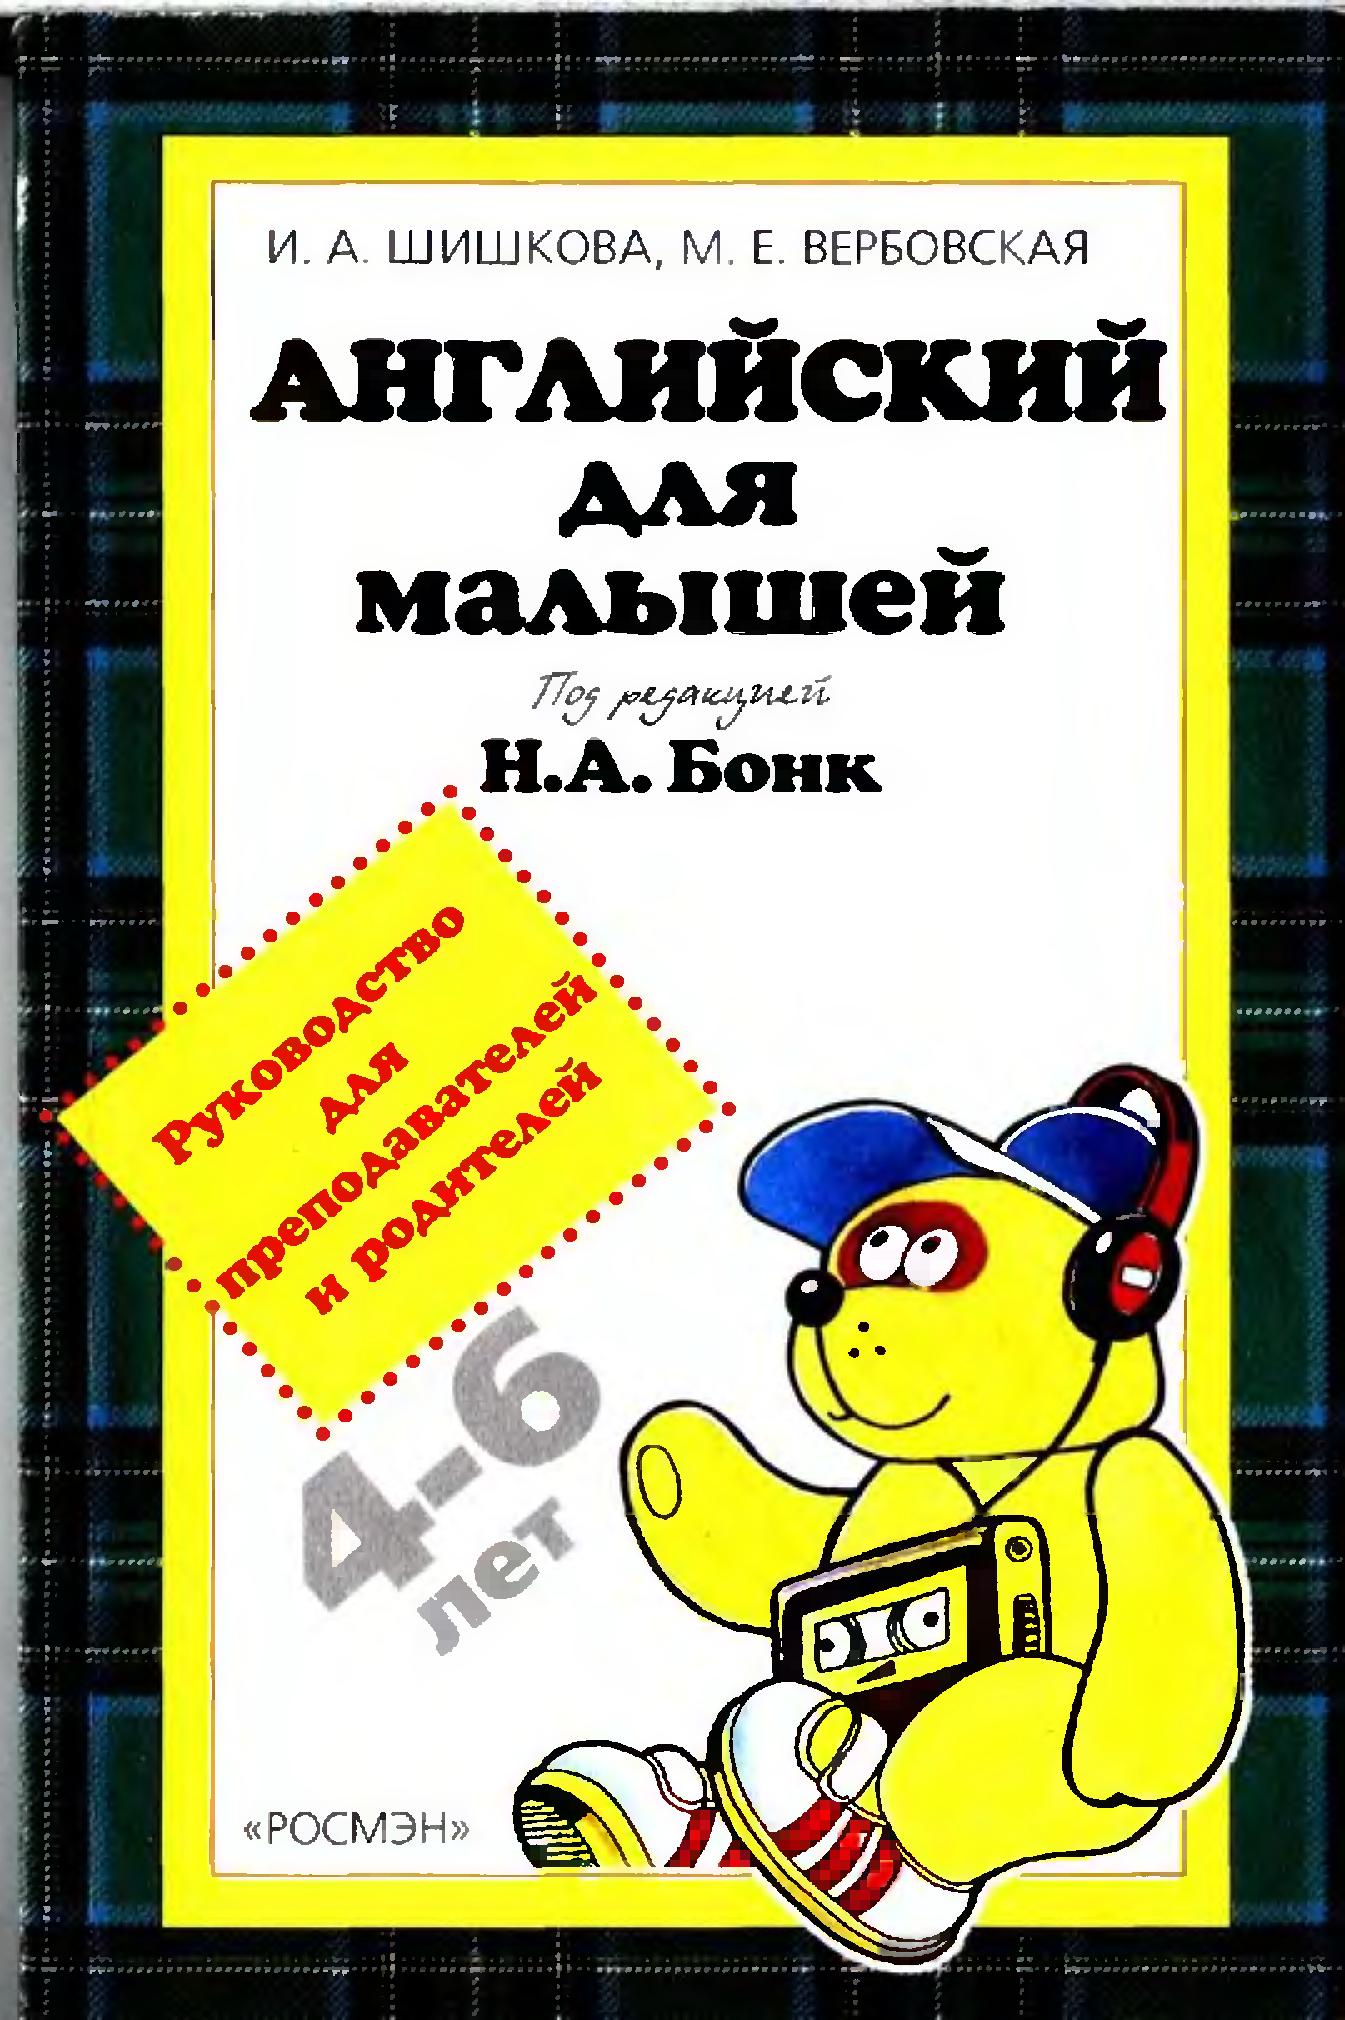 Английский для малышей шишкова и.а вербовская м.е под ред н.а бонк решебник